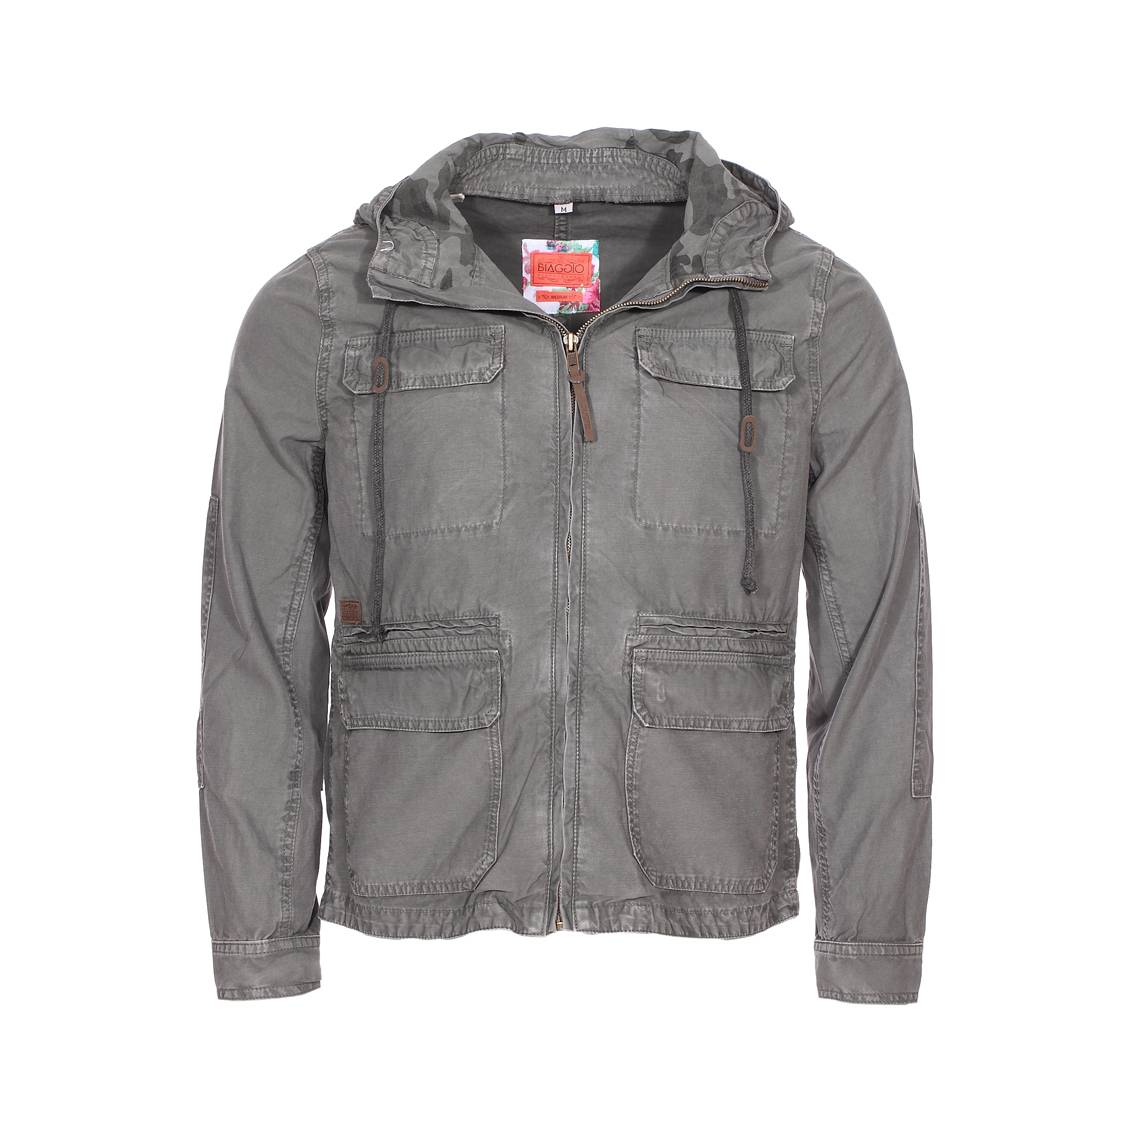 Veste saharienne zippée  en coton gris anthracite à capuche